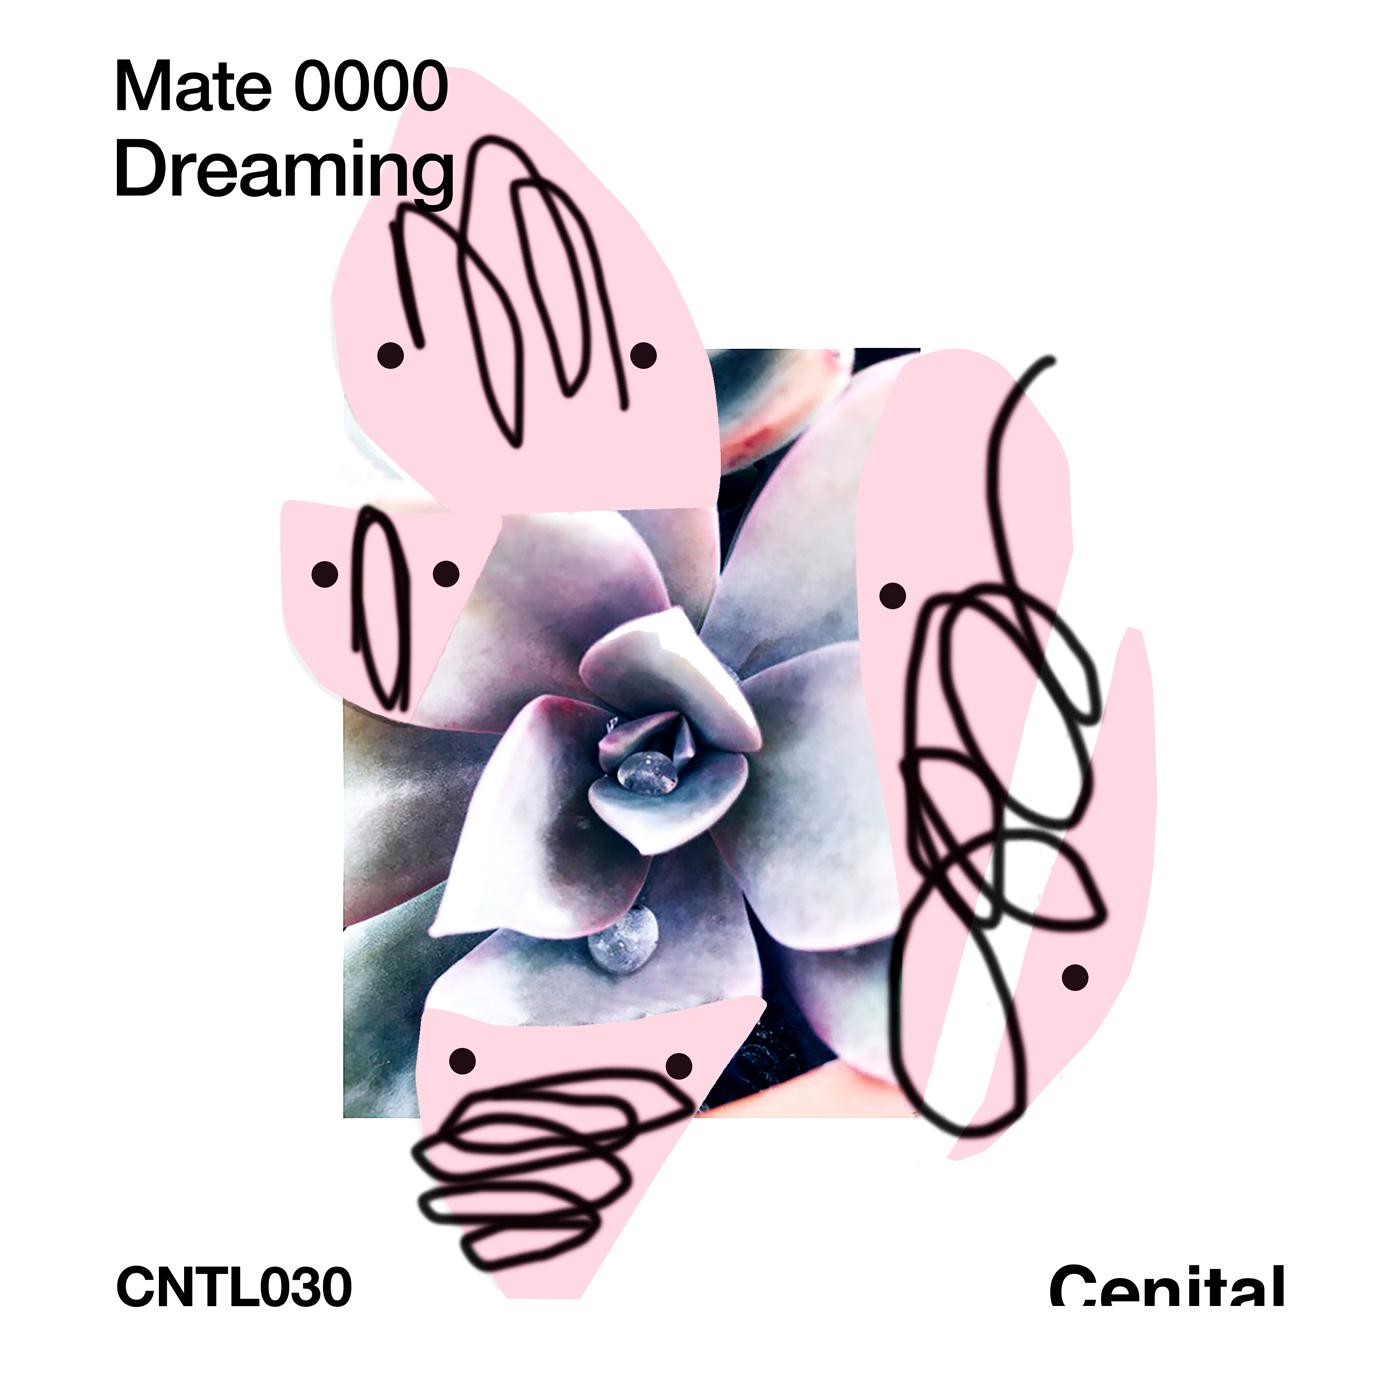 Mate 0000